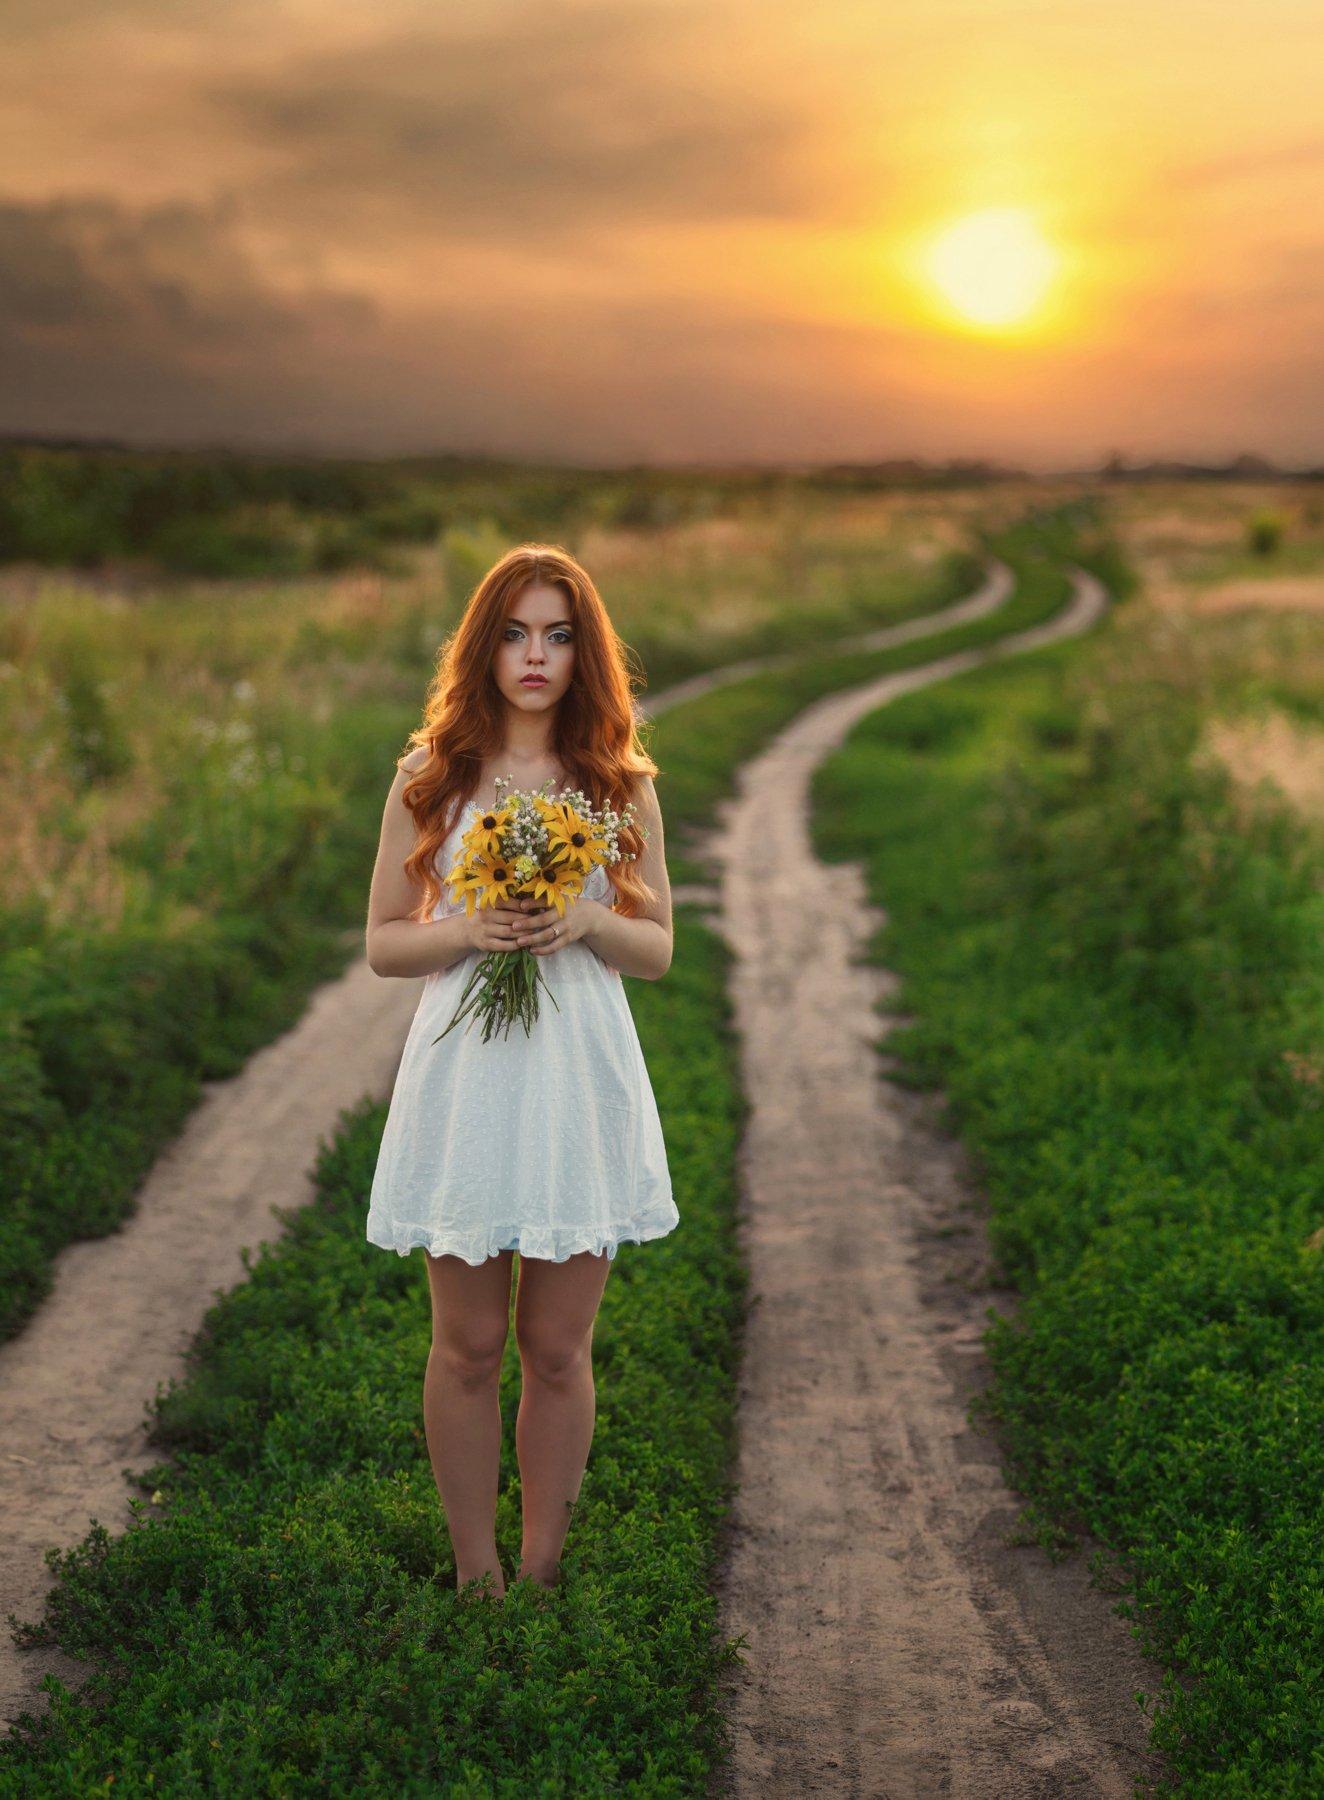 девущка, поле, закат, цветы, дорога, рыжая, Александр Жосан